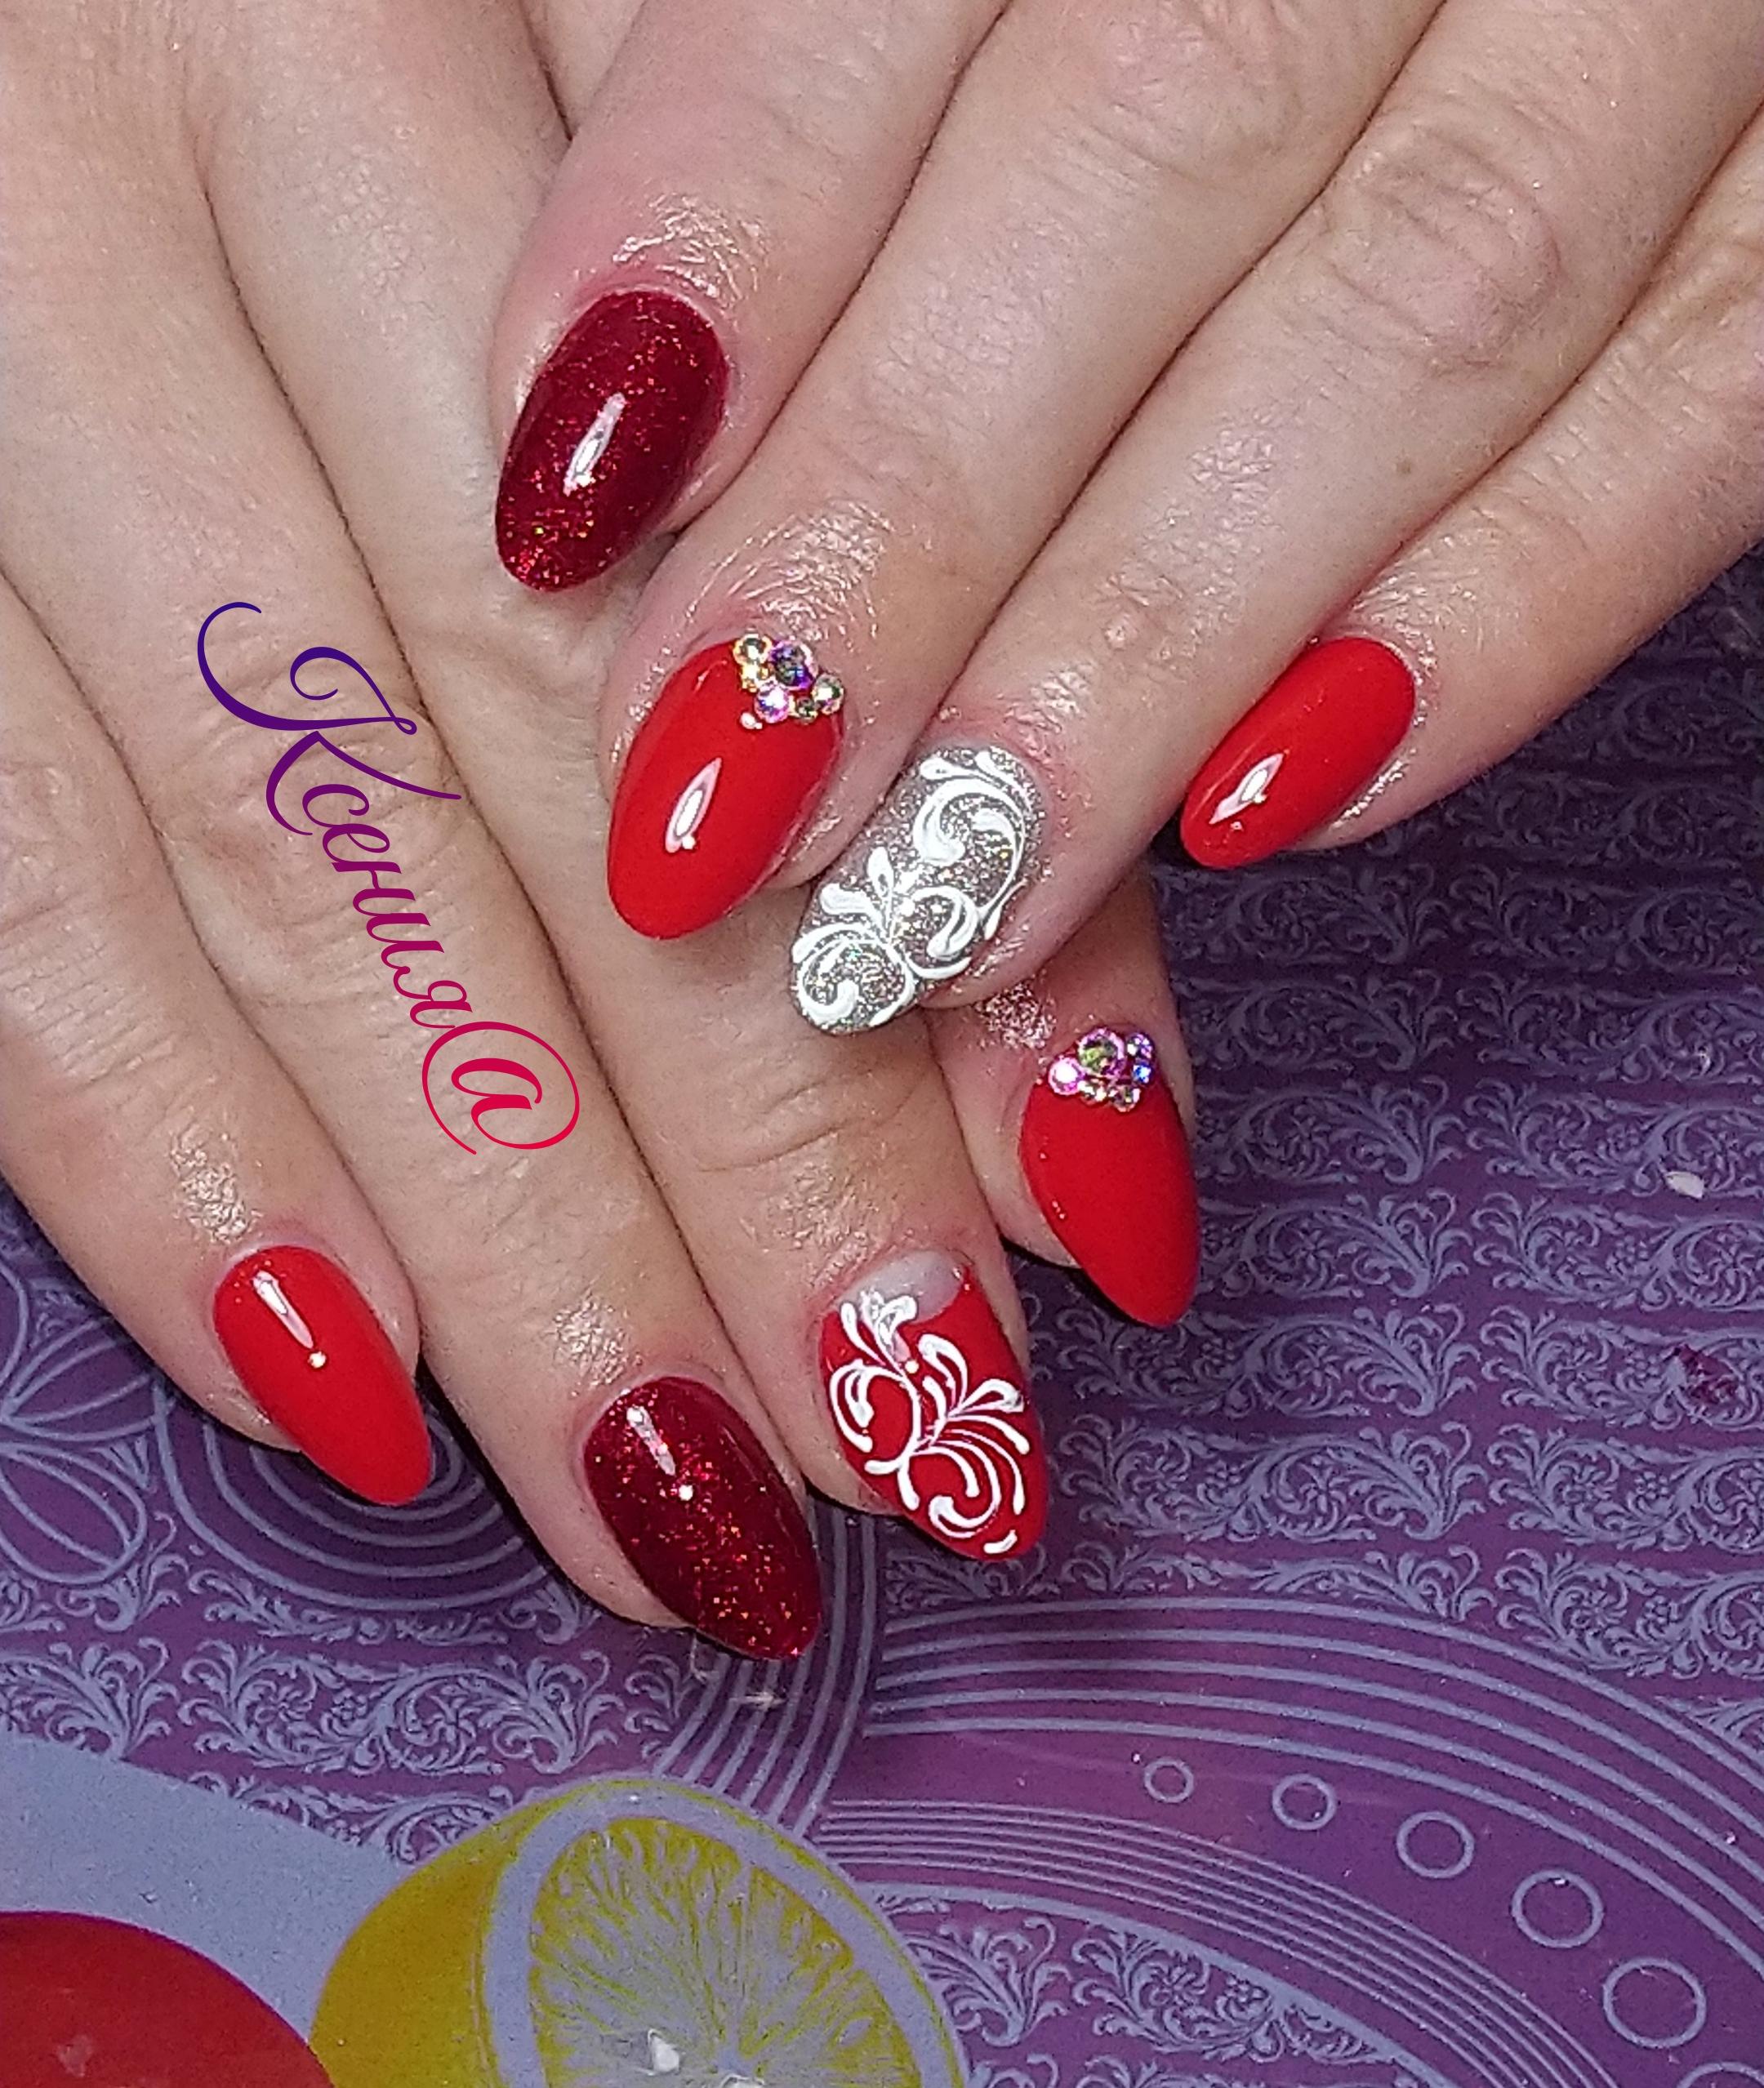 Маникюр в красном цвете с блестящим тёмно-красным дизайном, серебряными блёстками, вензелями и стразами.